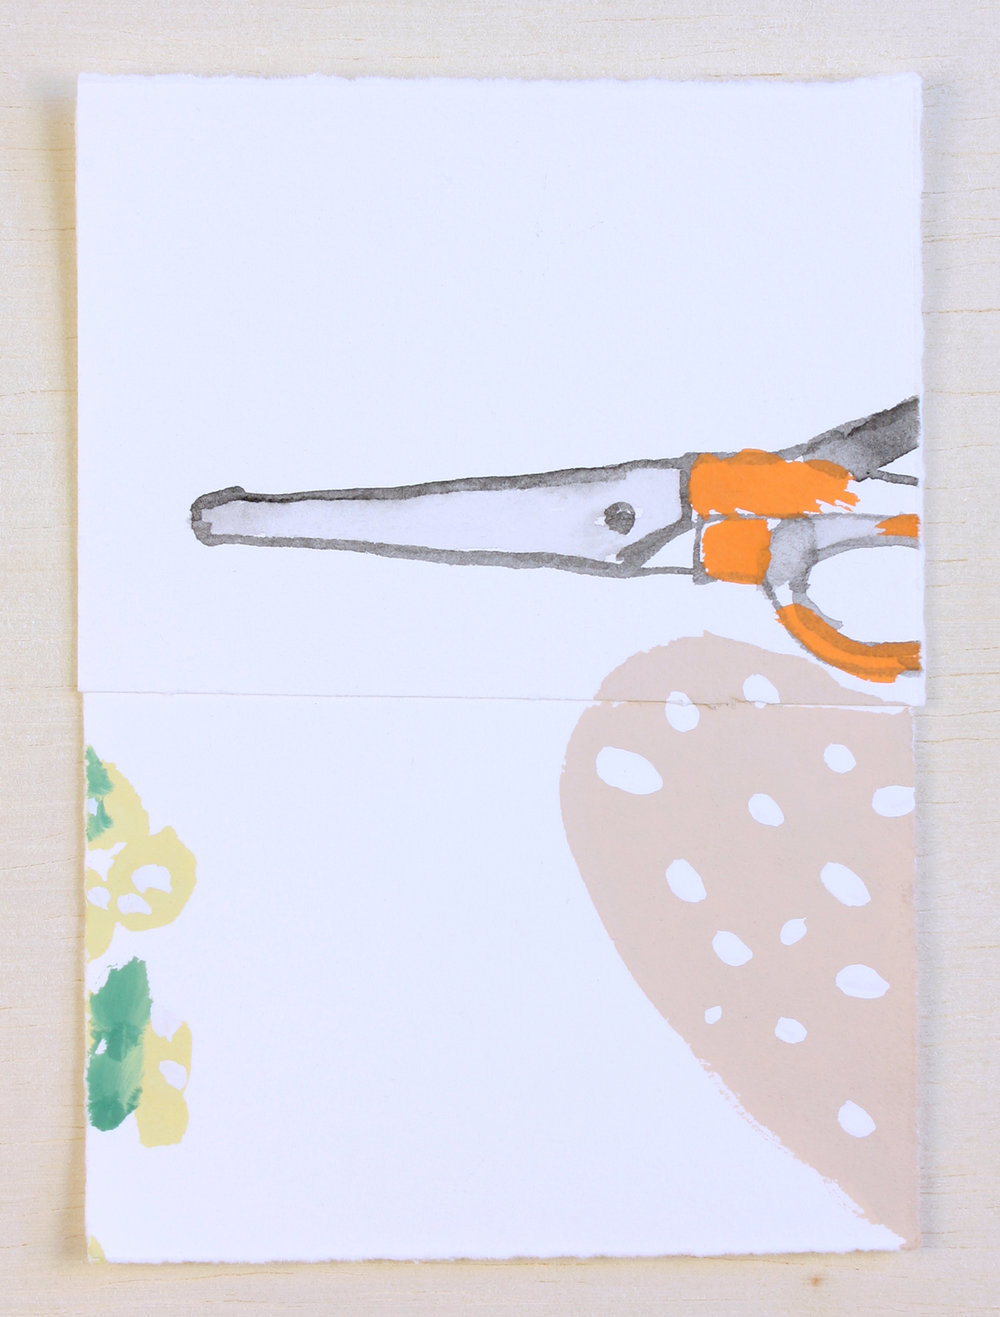 Desert, Scissors #4